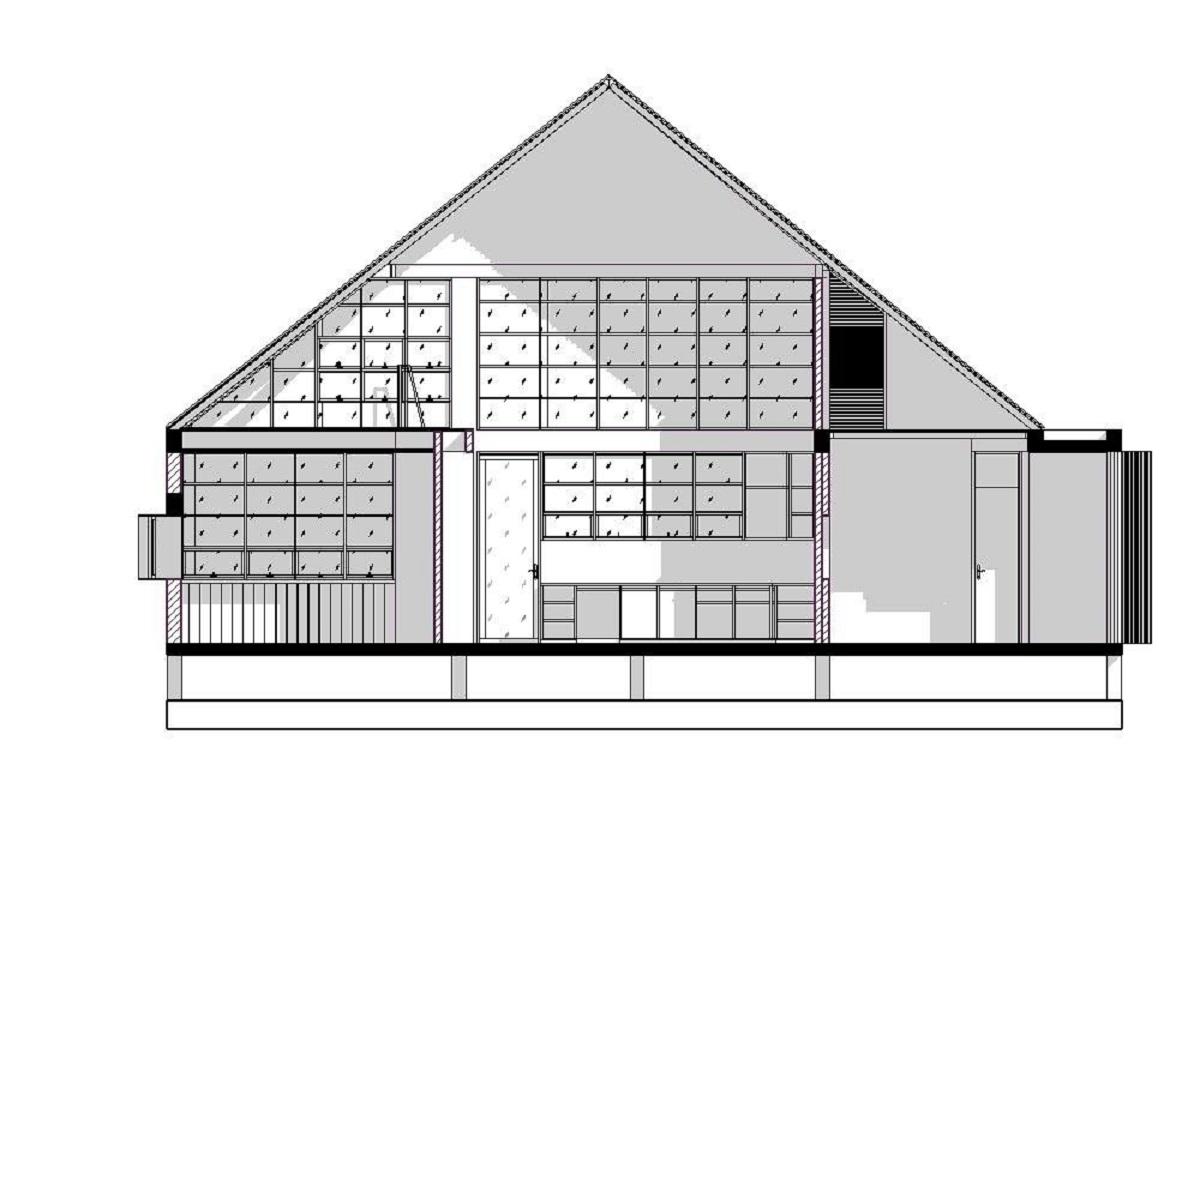 kienviet xuan anh house tan huong khong gian yen binh garchitects 5 - Nhà Xuân Anh - Tìm về chốn yên bình